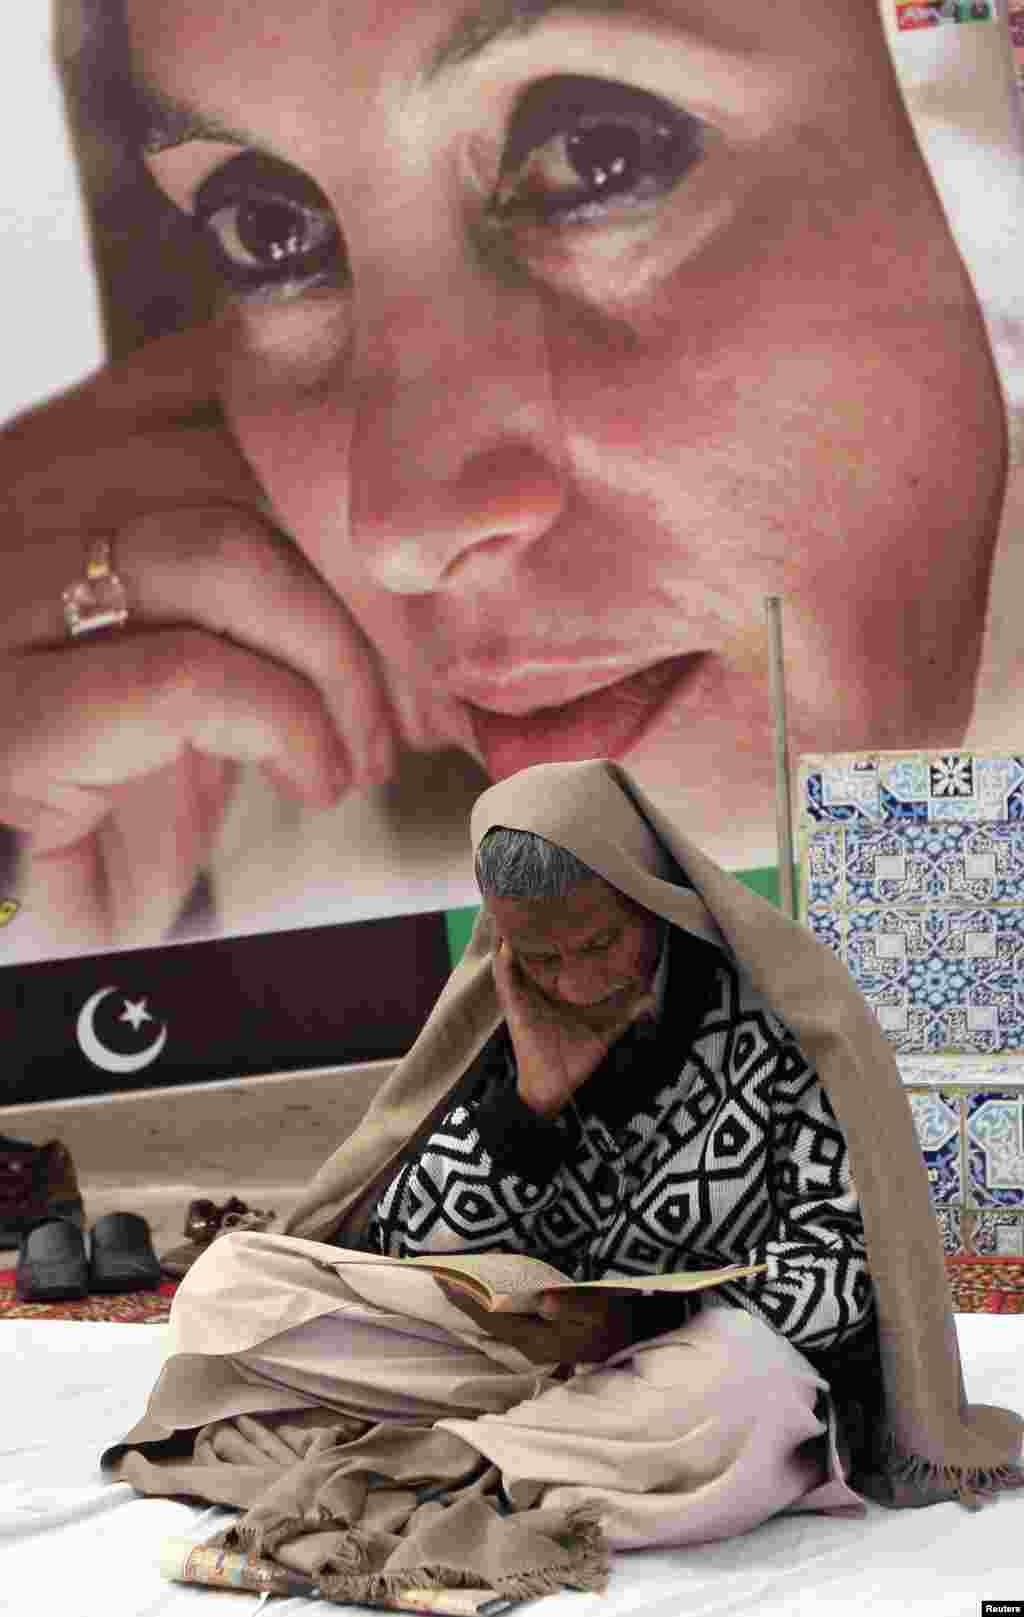 ایک کارکن بے نظیر بھٹو کی روح کے ایصال ثواب کے لیے قرآن خوانی کر رہا ہے